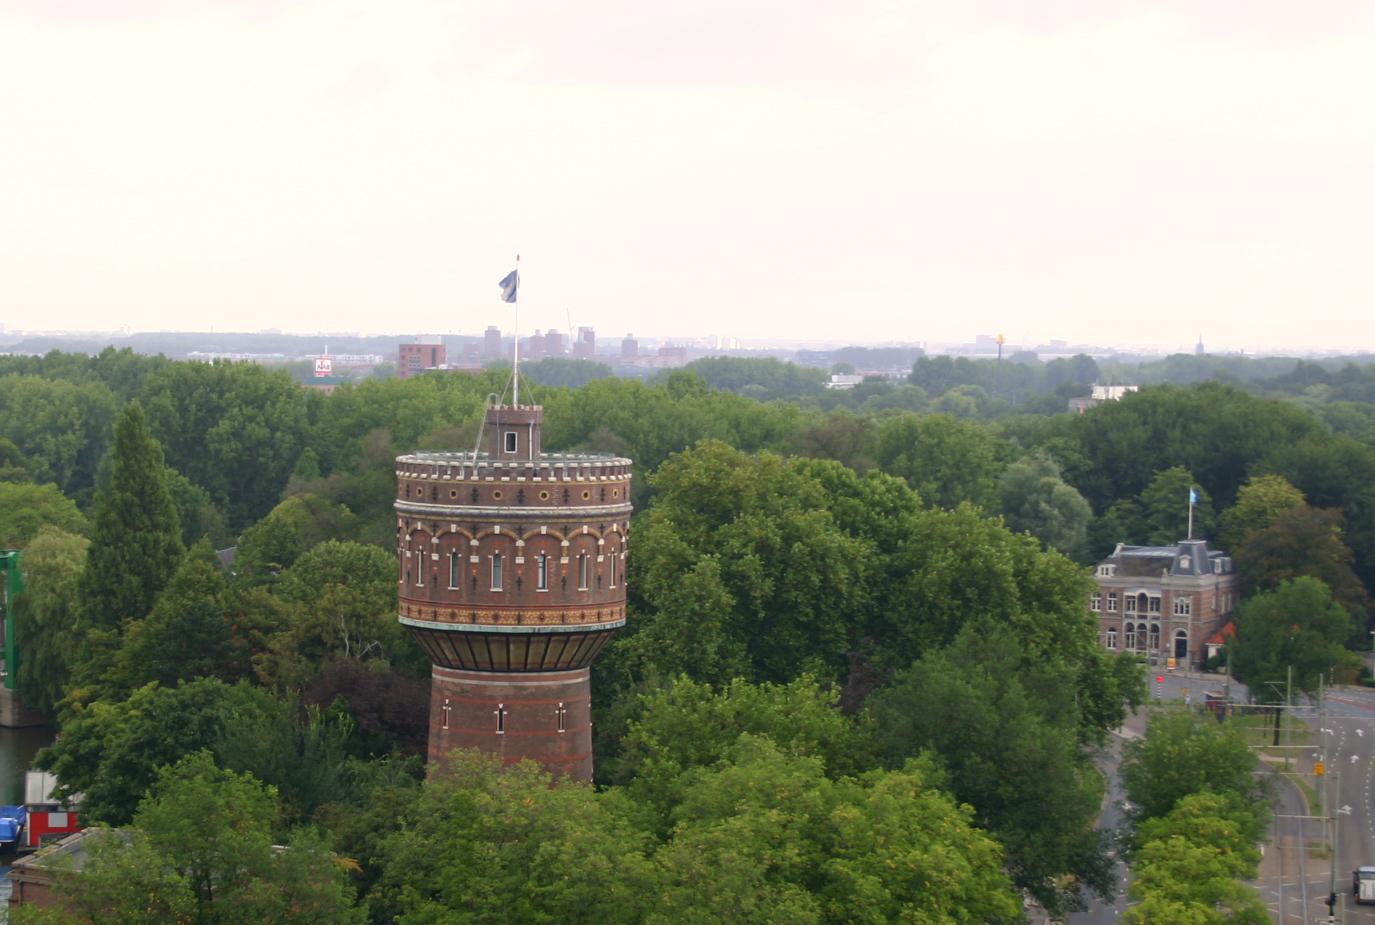 de Watertoren in het Groen